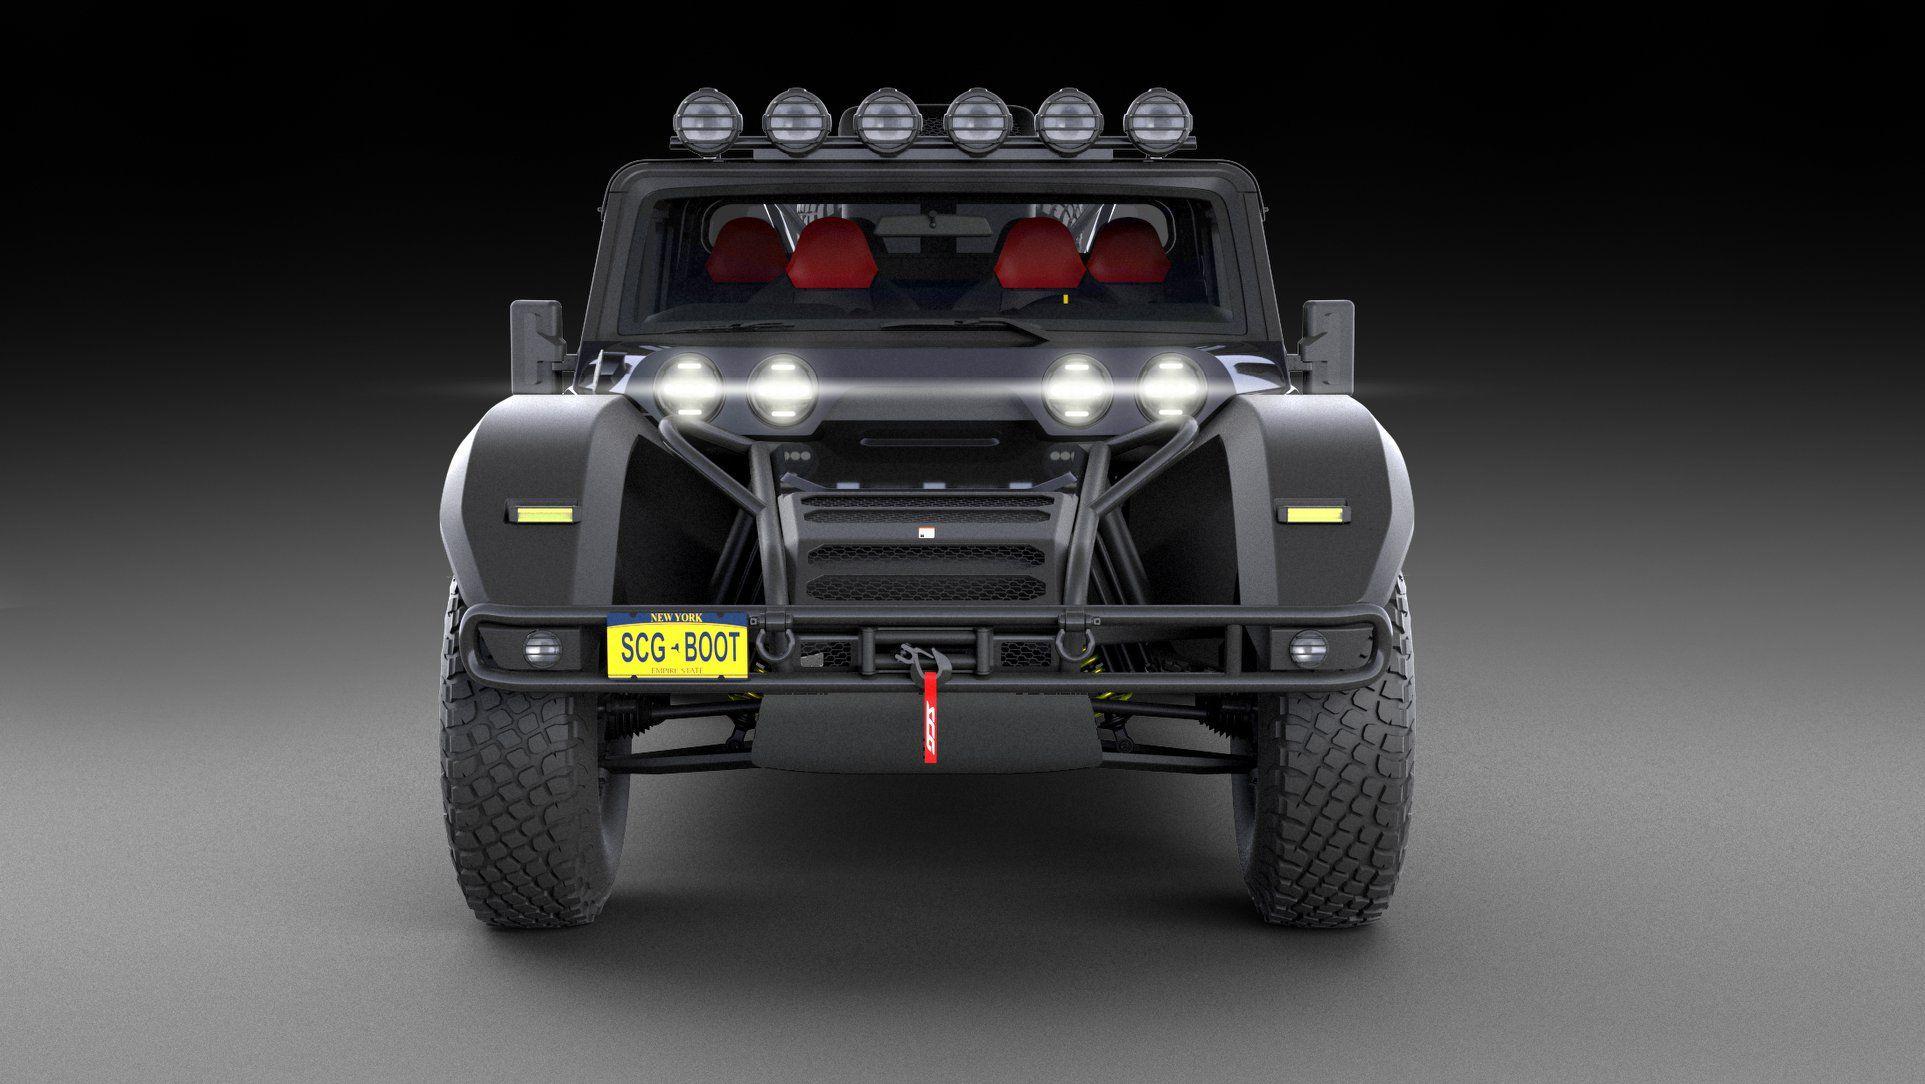 Глікенхаус показав свій супер-позашляховик SCG Baja Boot